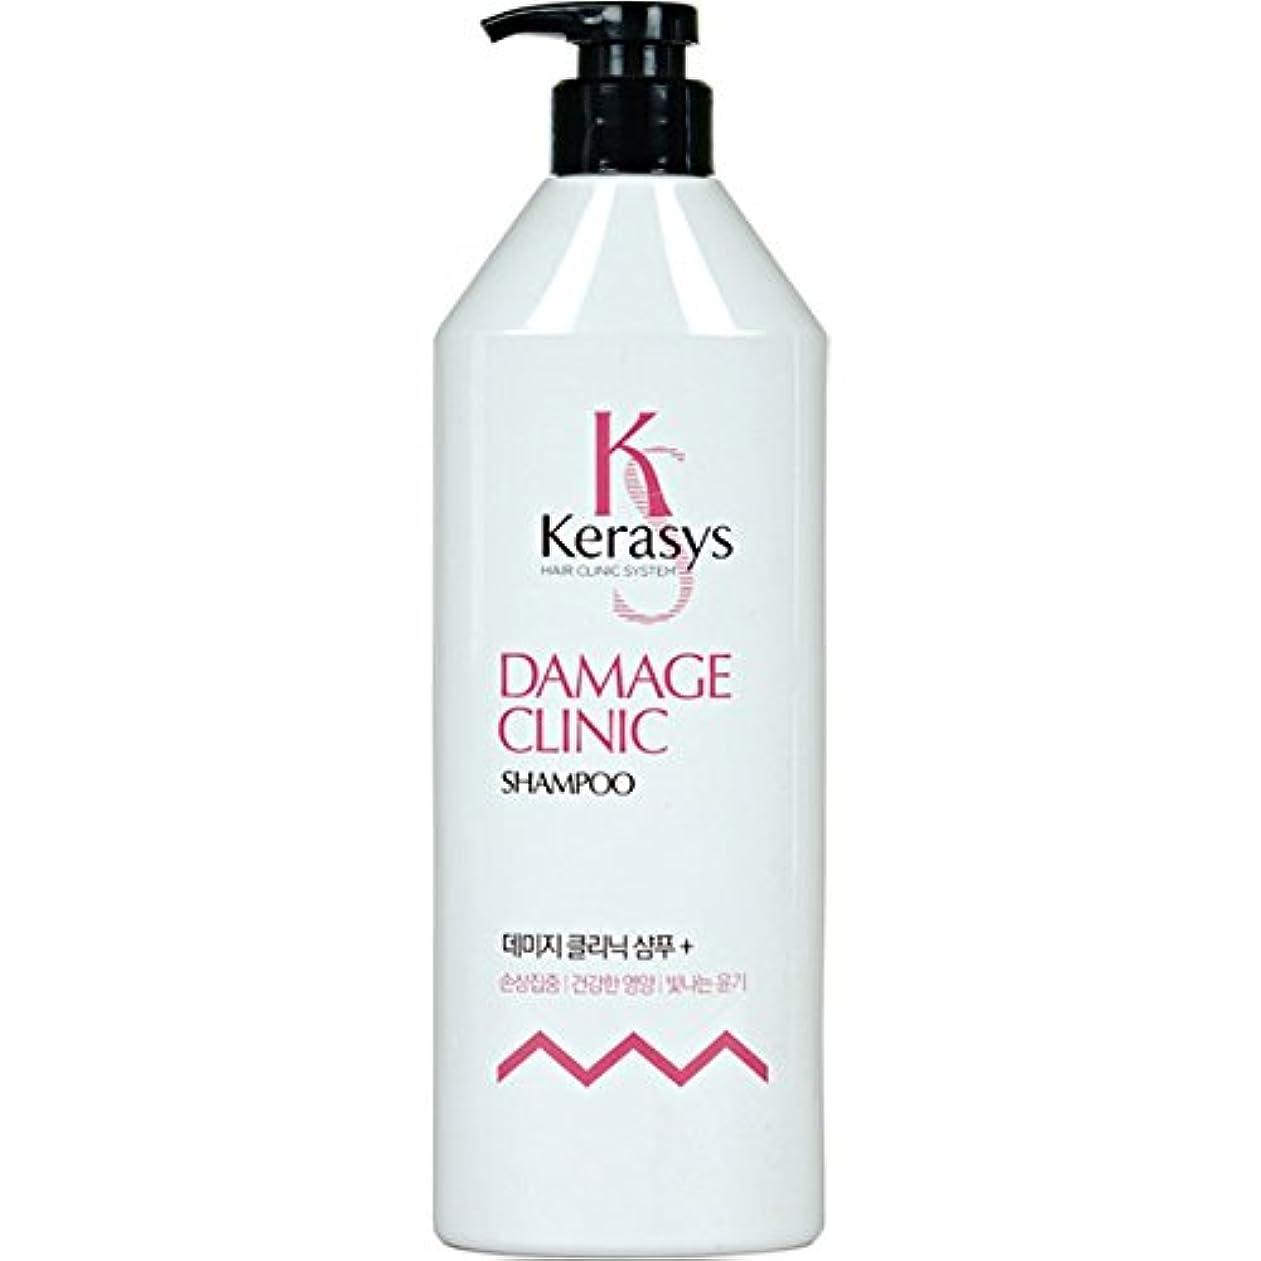 希望に満ちた酸度礼拝[Kerasys] ケラシス ダメージクリニック シャンプー 750ml Damage Clinic Shampoo [海外直送品]